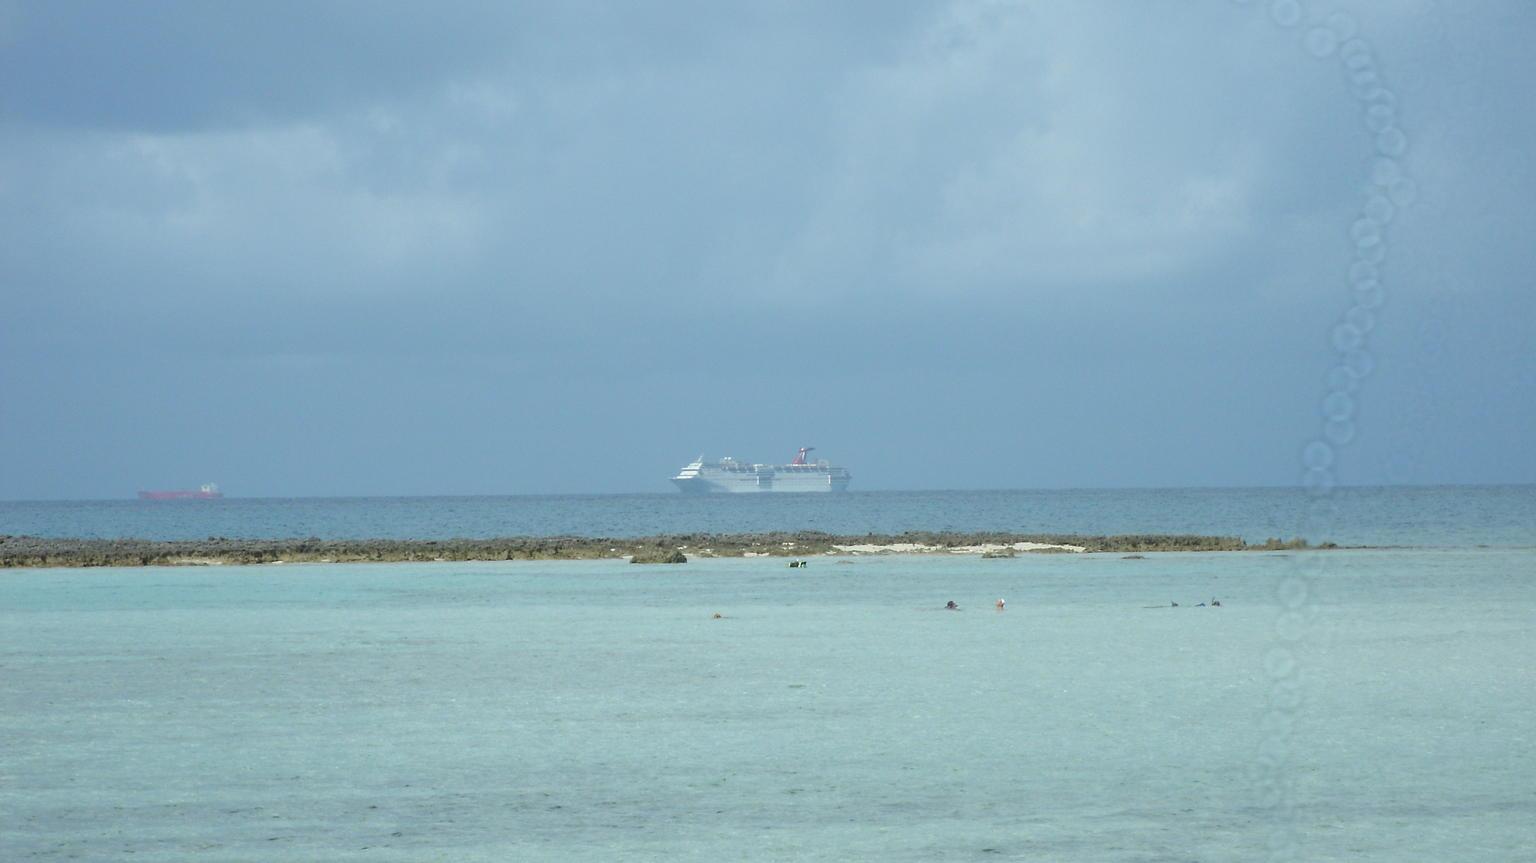 MÁS FOTOS, Excursión por la costa de Freeport: escapada a la playa y esnórquel en el arrecife de Deadman